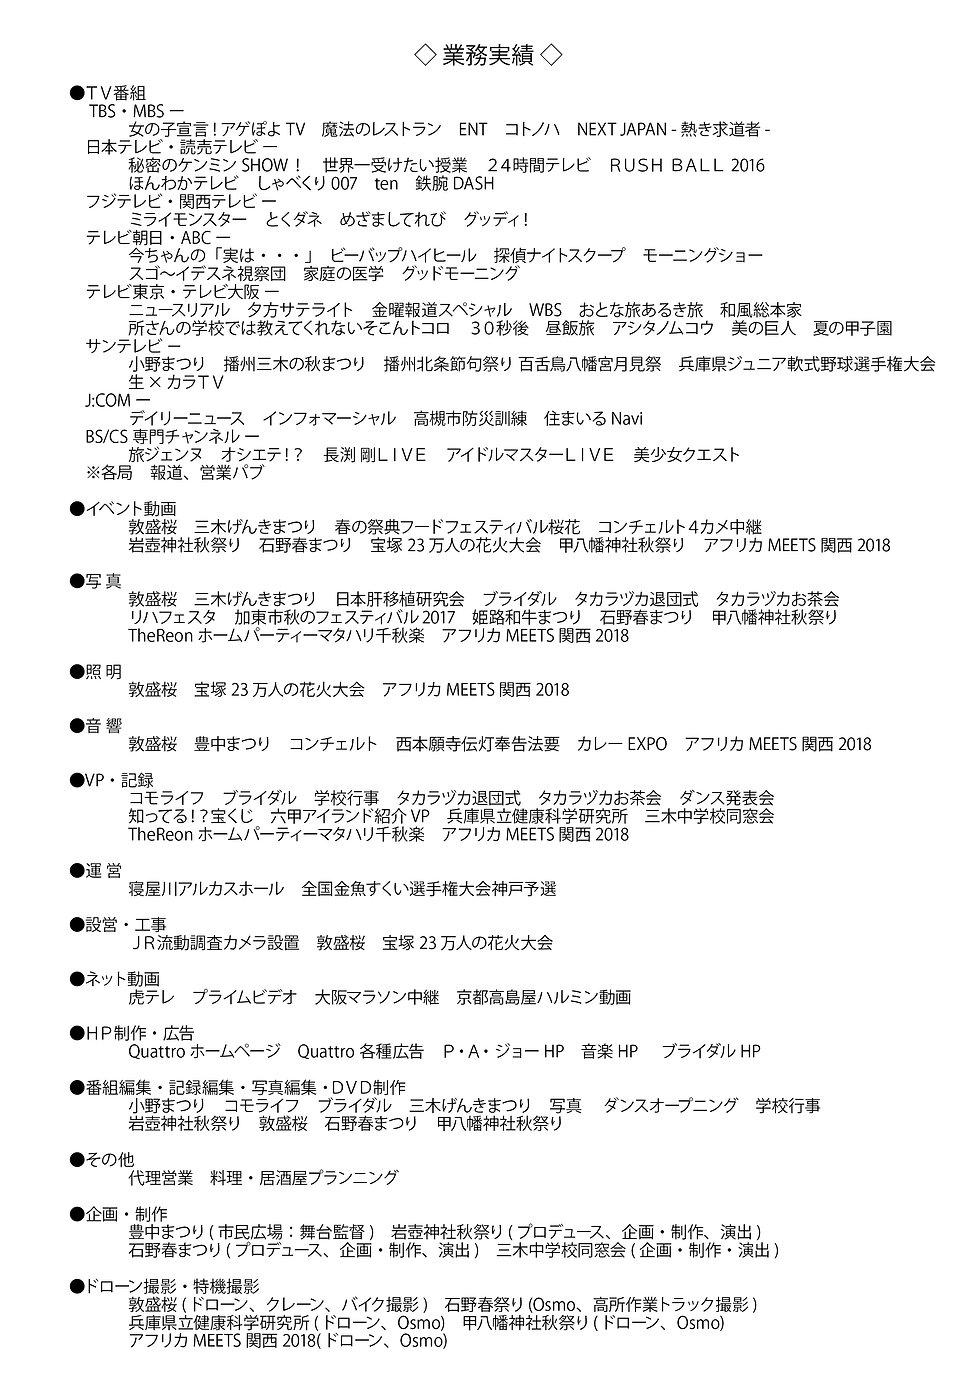 株式会社Quattro業務実績20190822.jpg